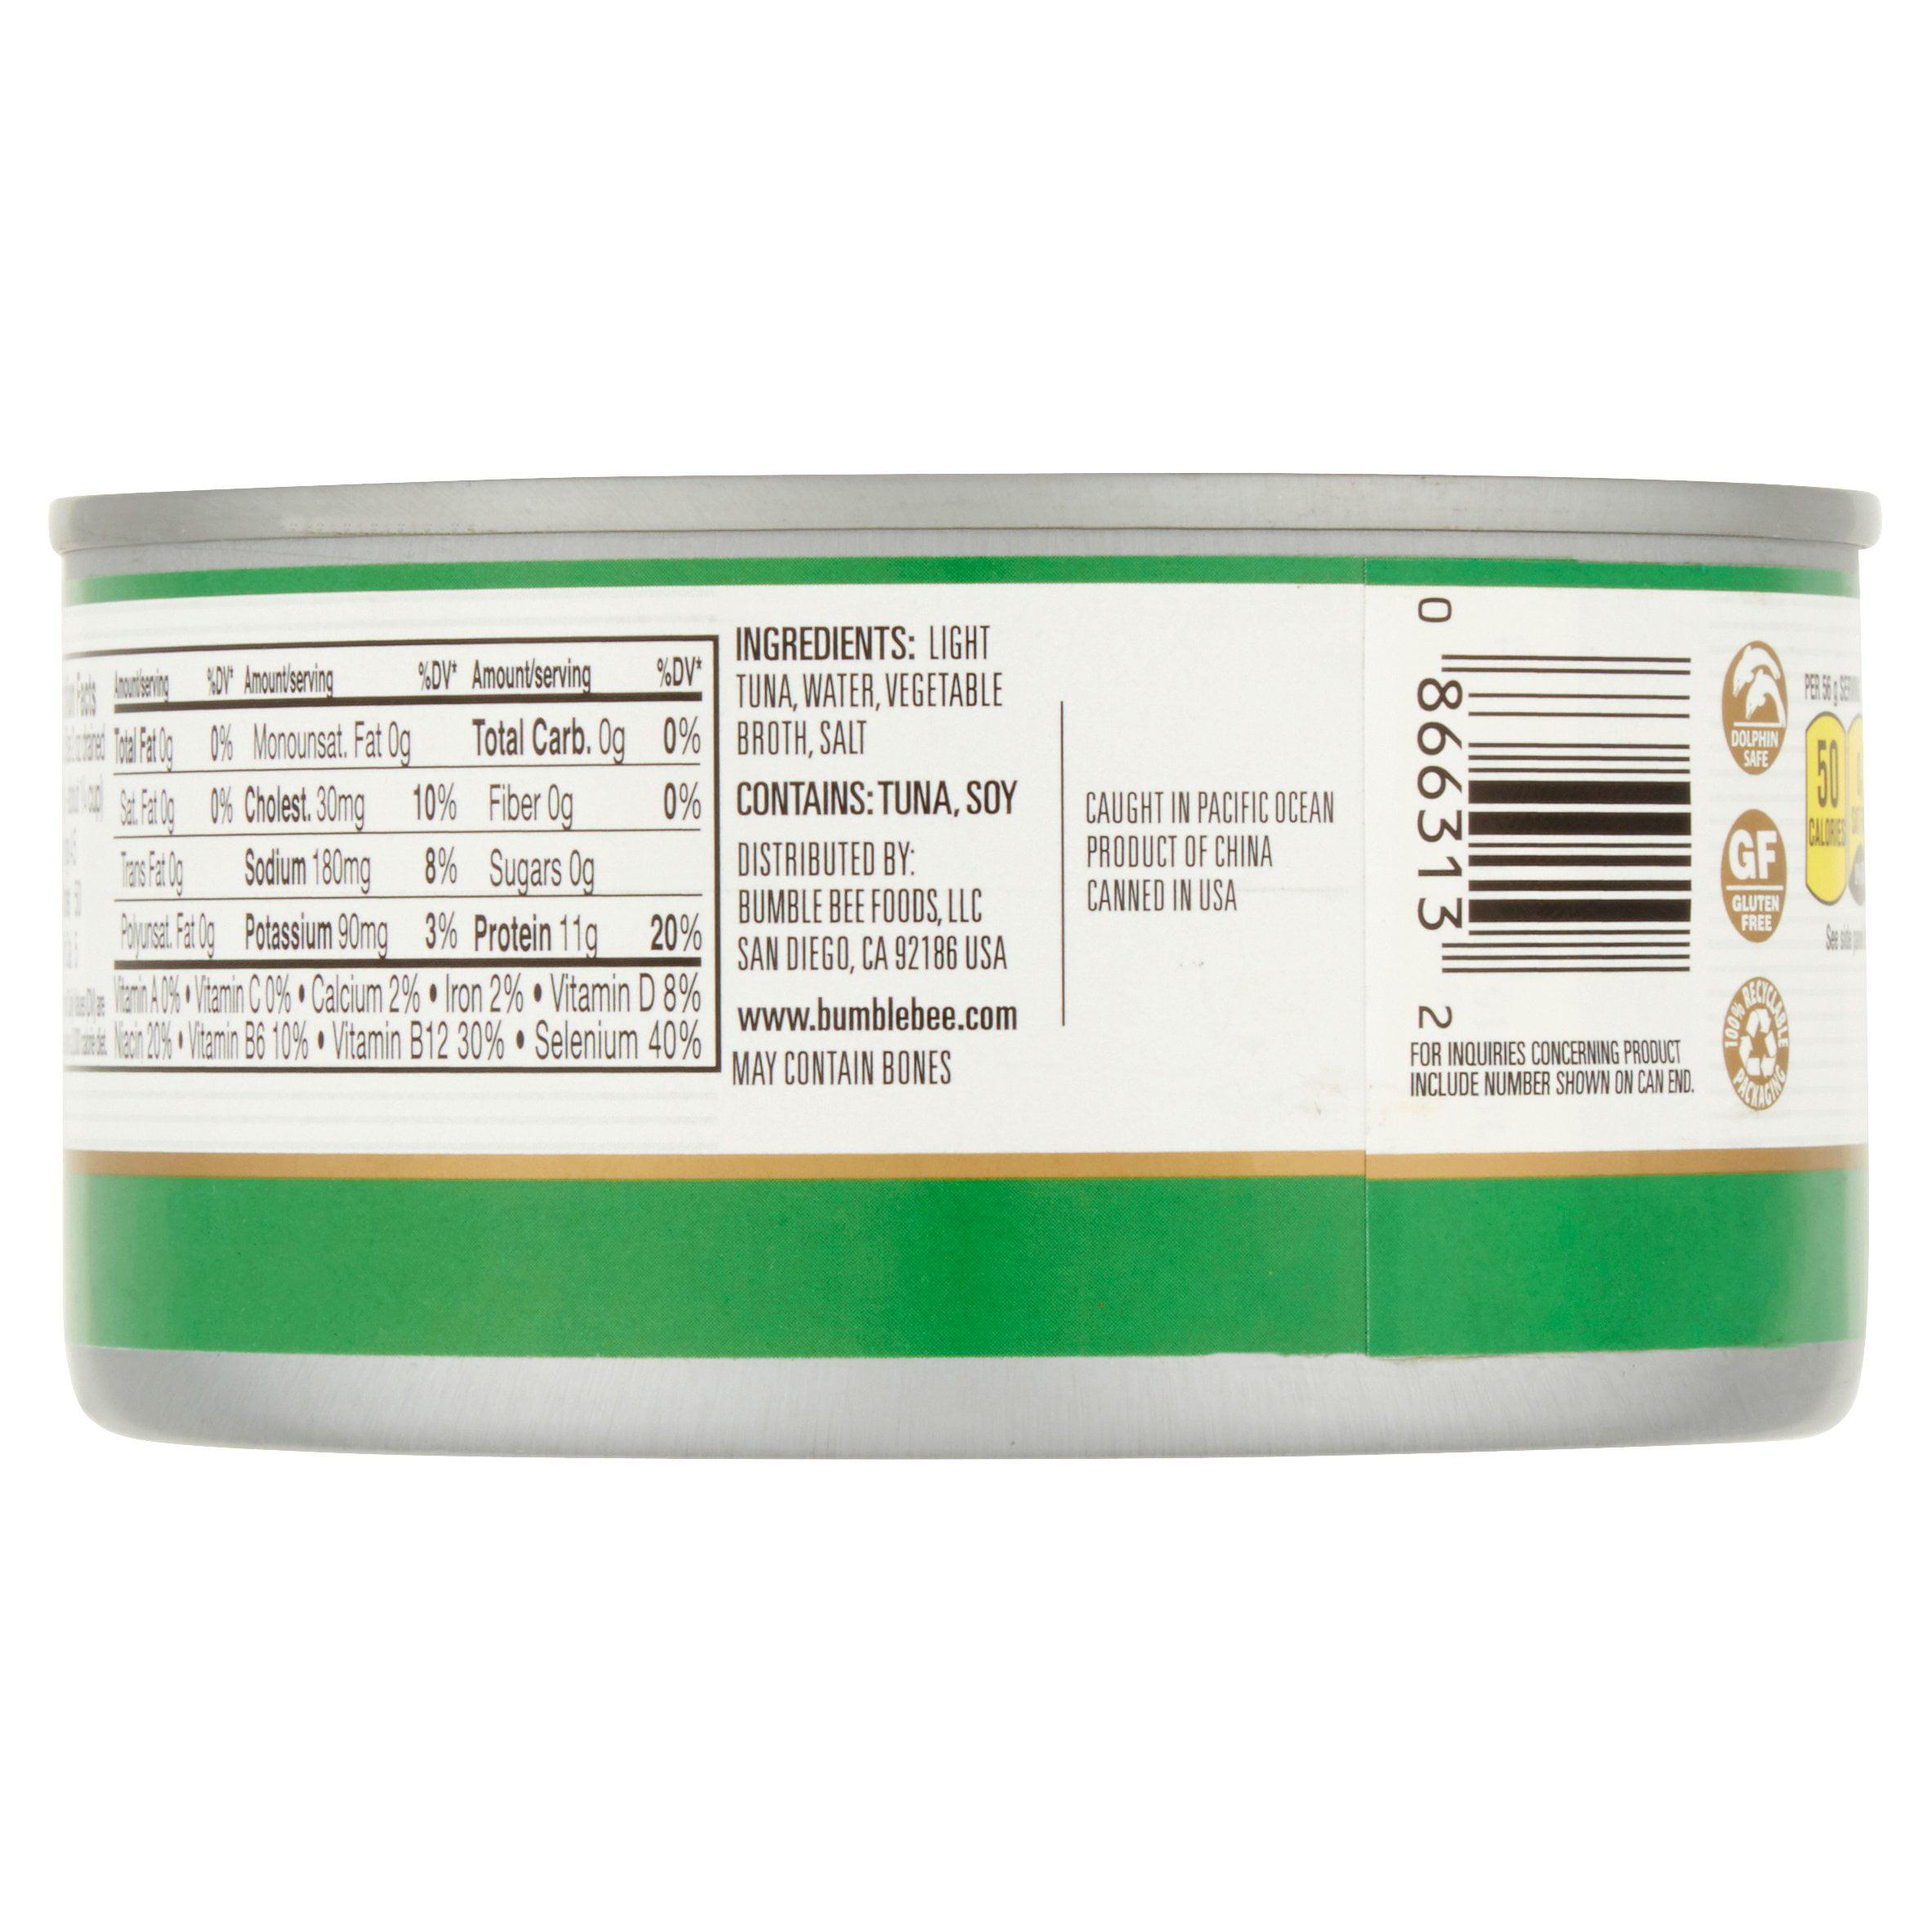 Bumble Bee Chunk Light Tuna in Water, 12 oz Can (4 Packs) - Walmart.com